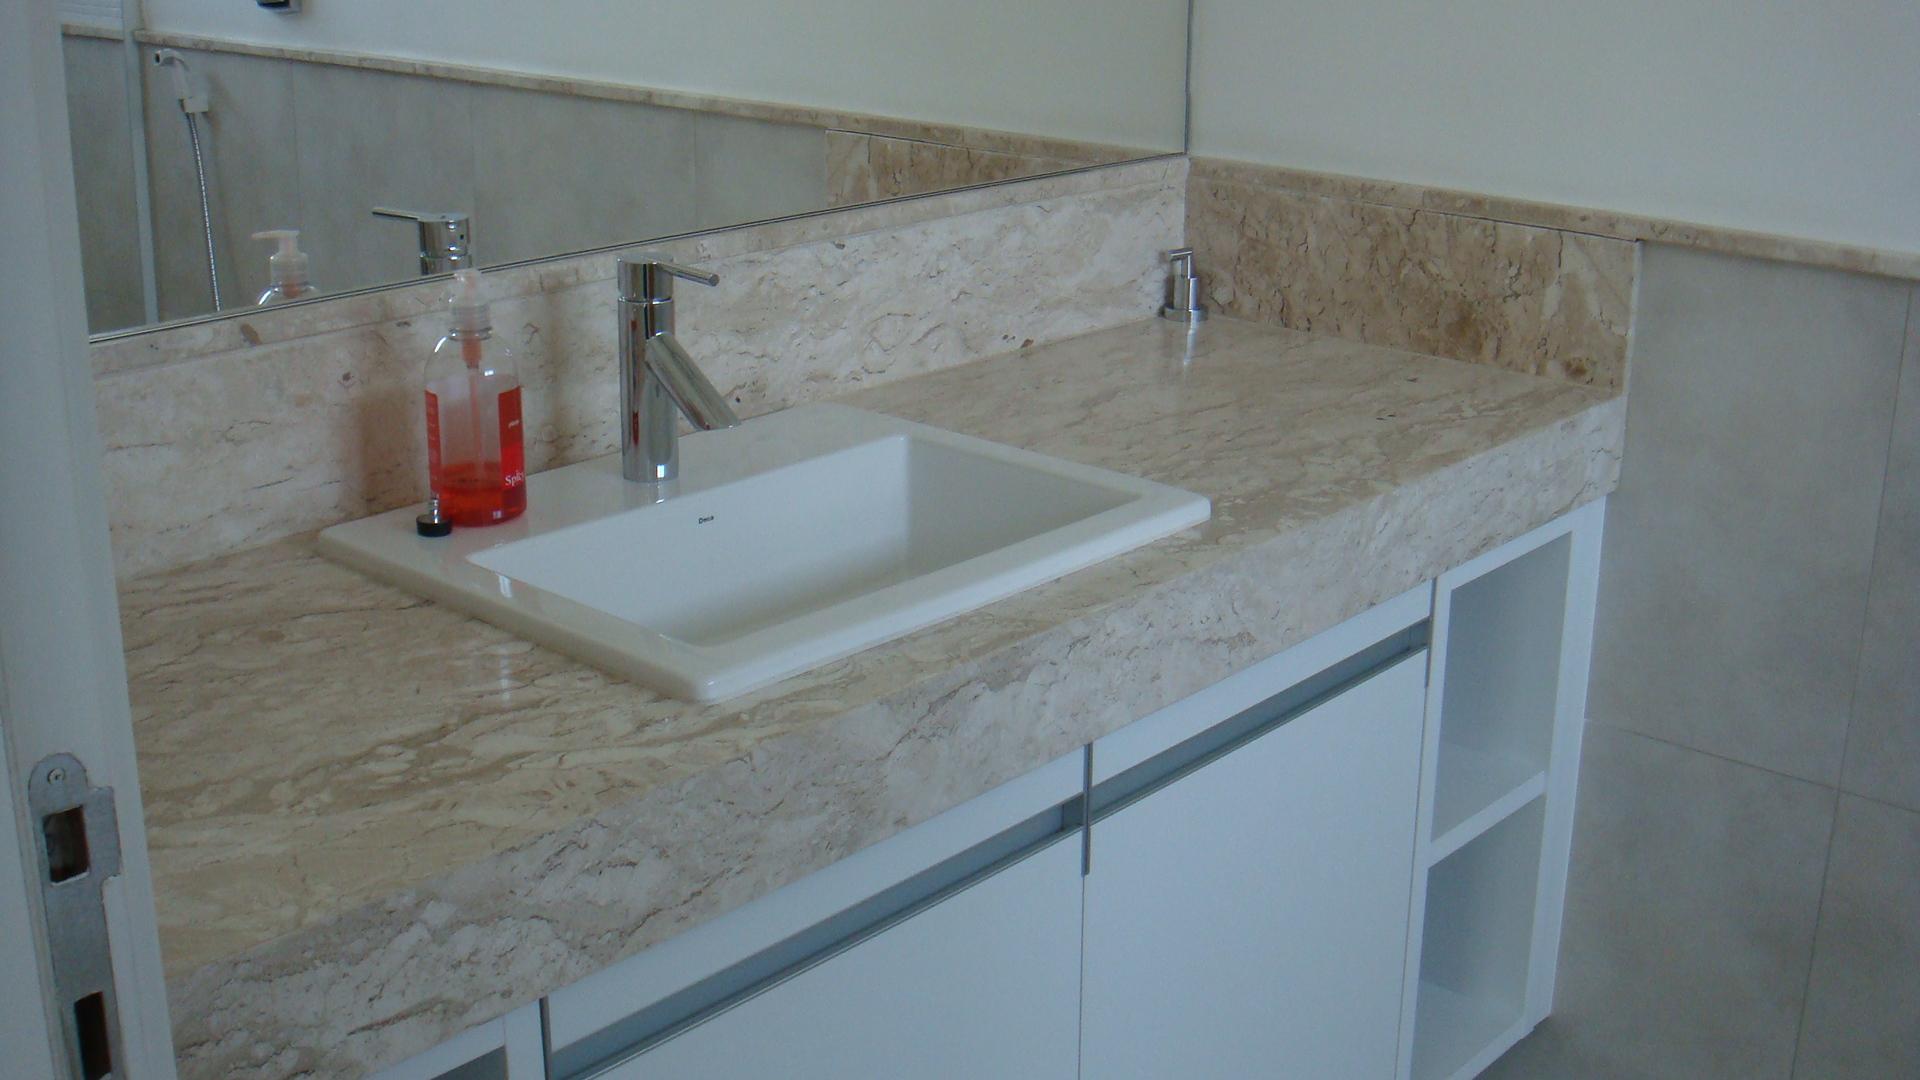 Marmore Travertino e dicas de decoração  pedrasolivarescom -> Pia De Marmore Travertino Para Banheiro